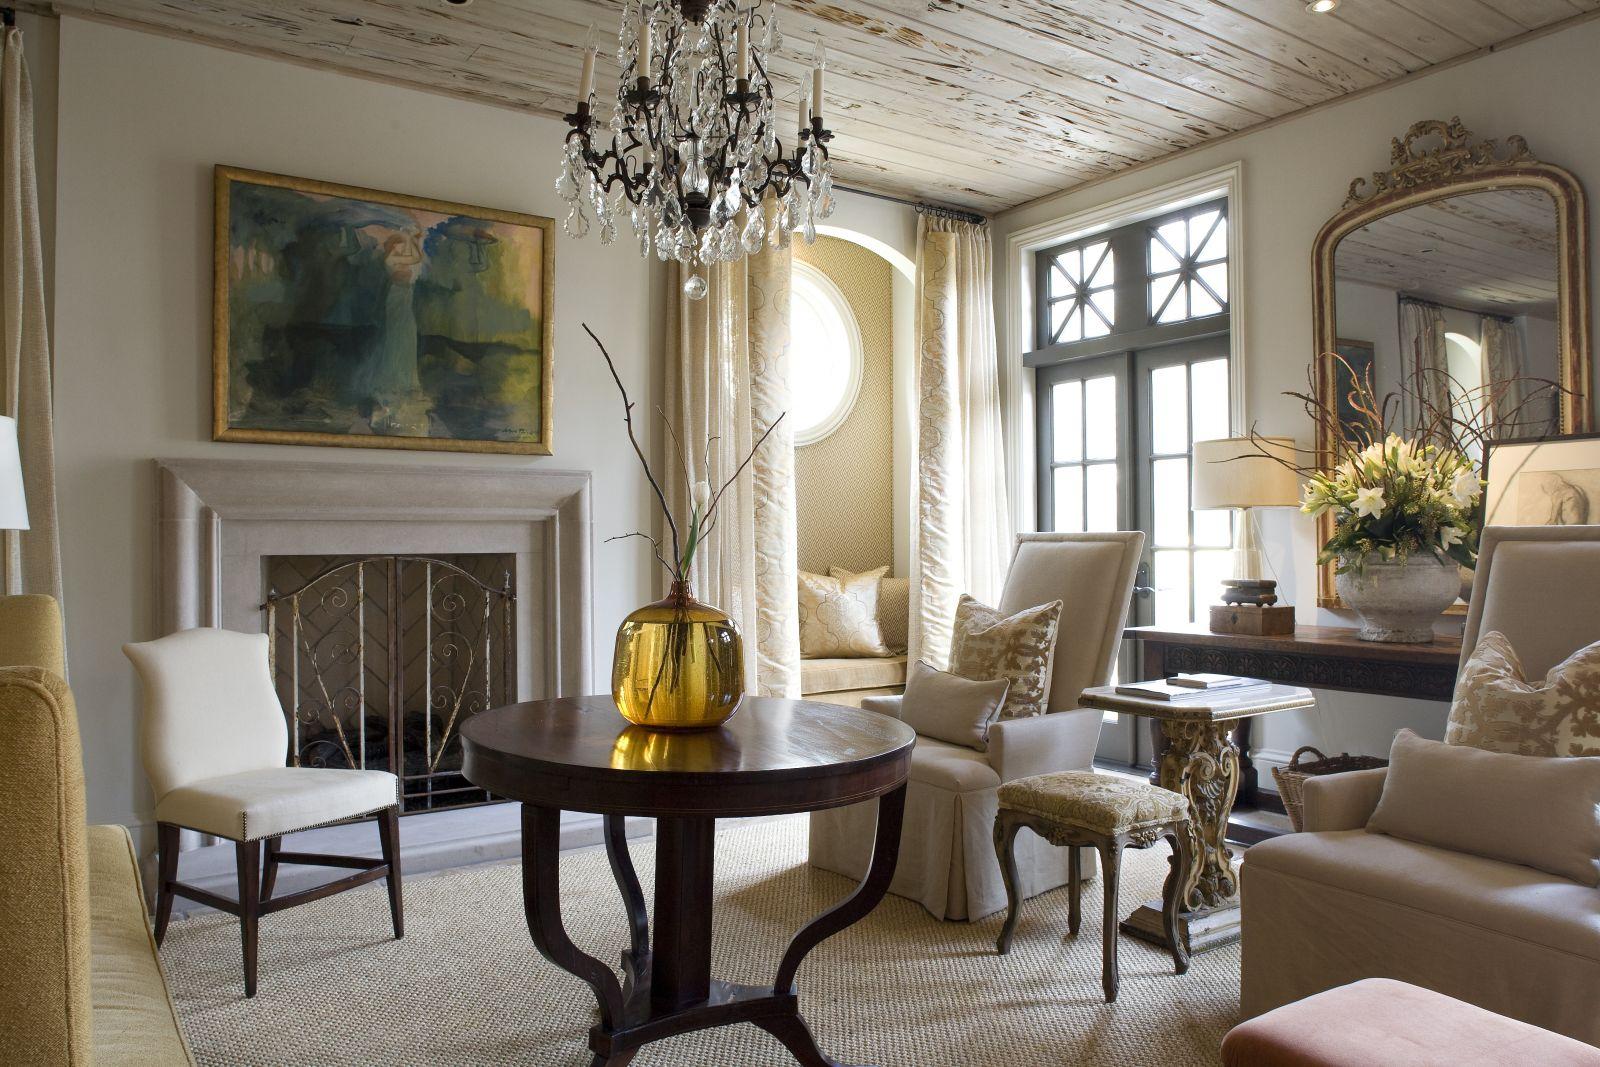 artigo feng shui como ambiente nos afeta living room virtual designer  category. Virtual Living Room Designer Artigo Feng Shui Como Ambiente Nos